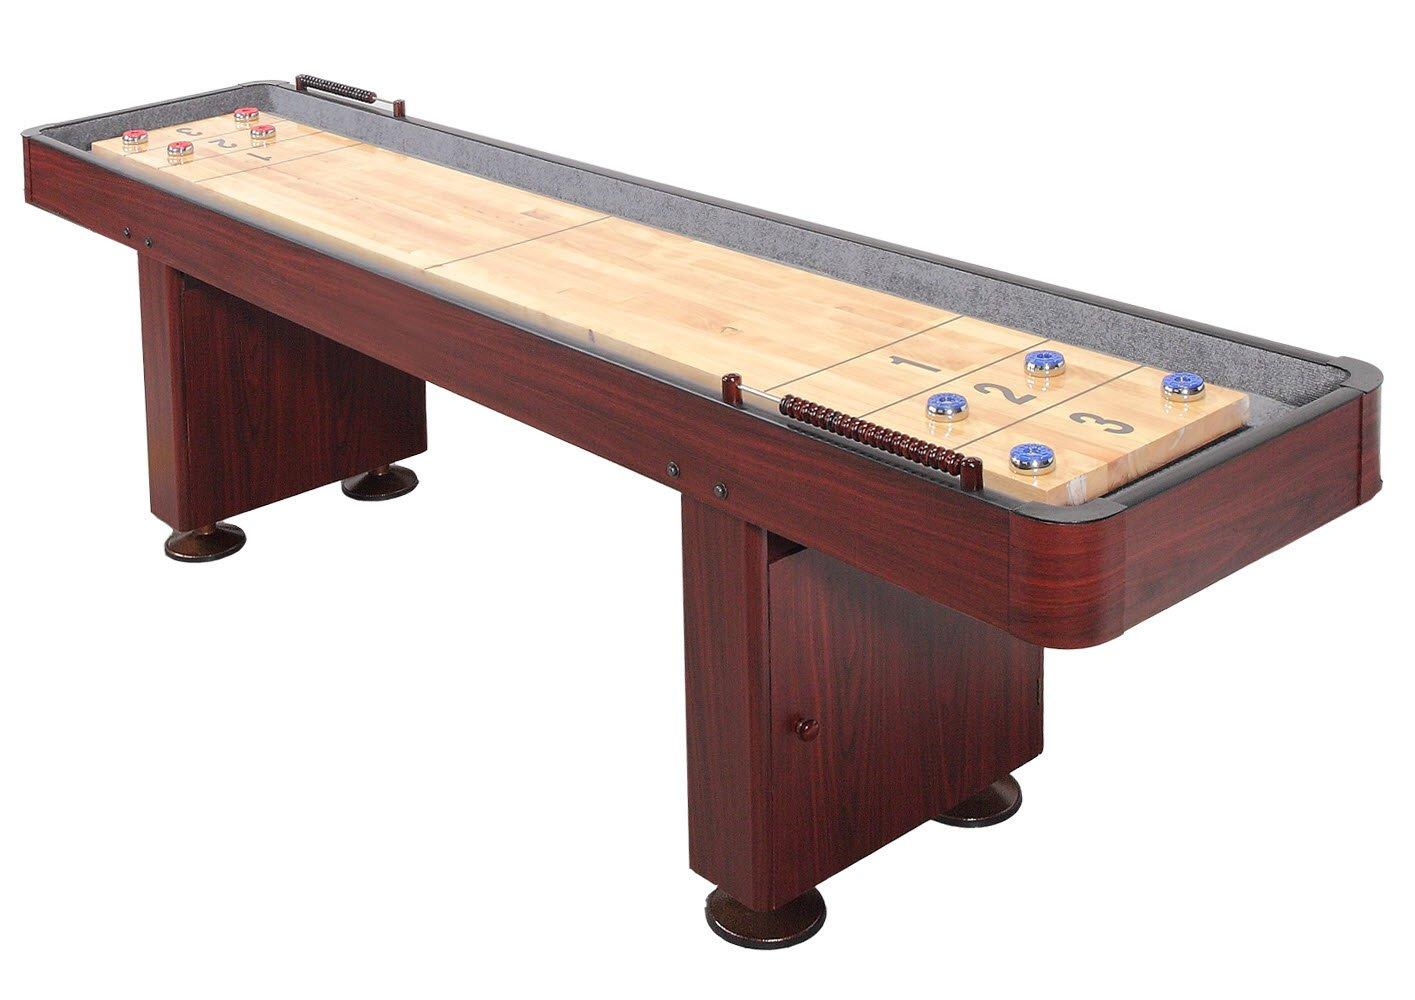 Challenger 12 ft Shuffleboard Table - Dark Cherry by SplashNet